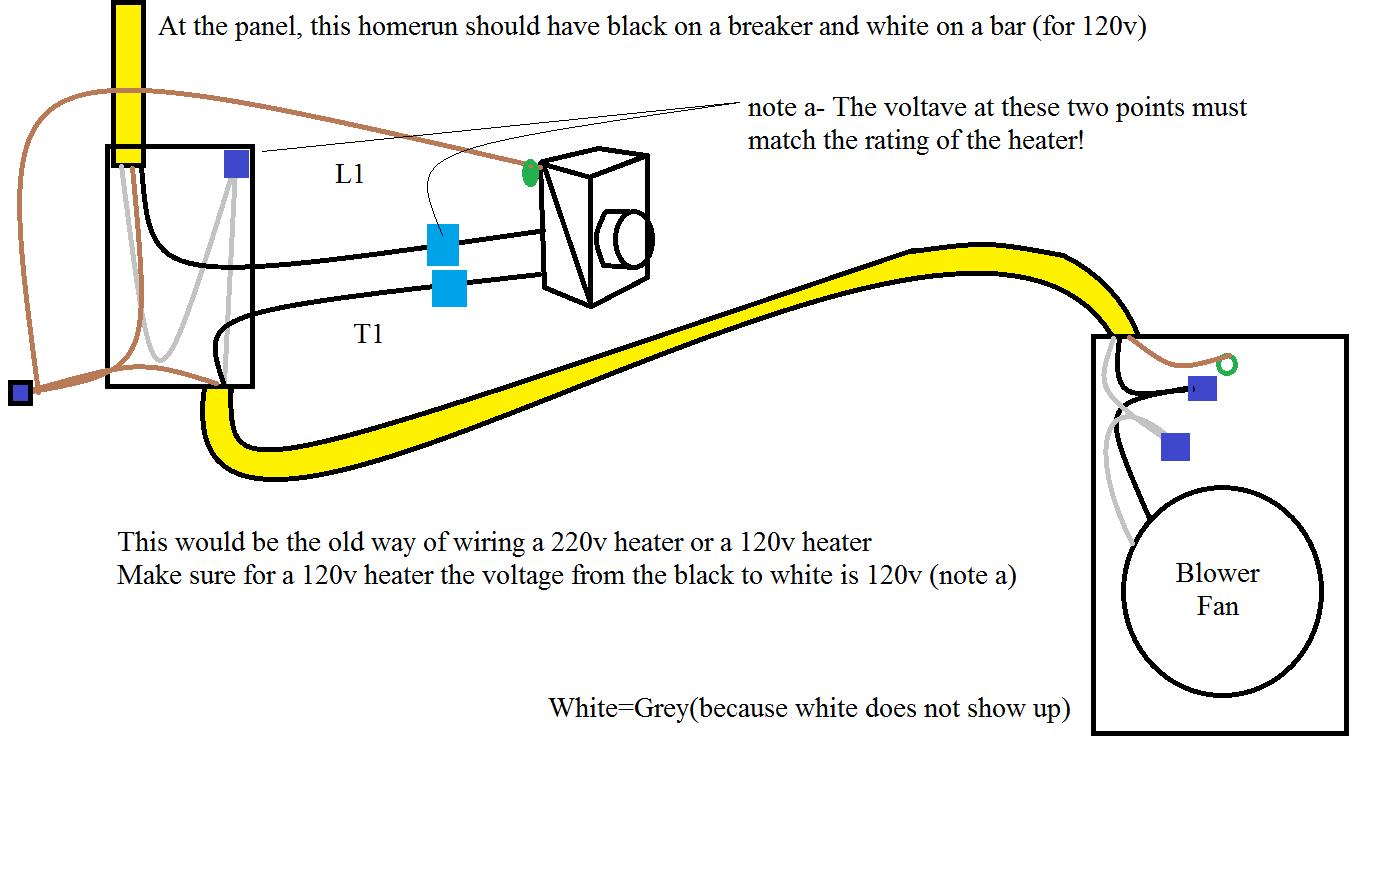 Basic 220v Wiring. European 220v Wiring Diagram Library Rh 4 Yoobi De Plugs Dryer. Wiring. European 220 Wiring Diagram At Scoala.co